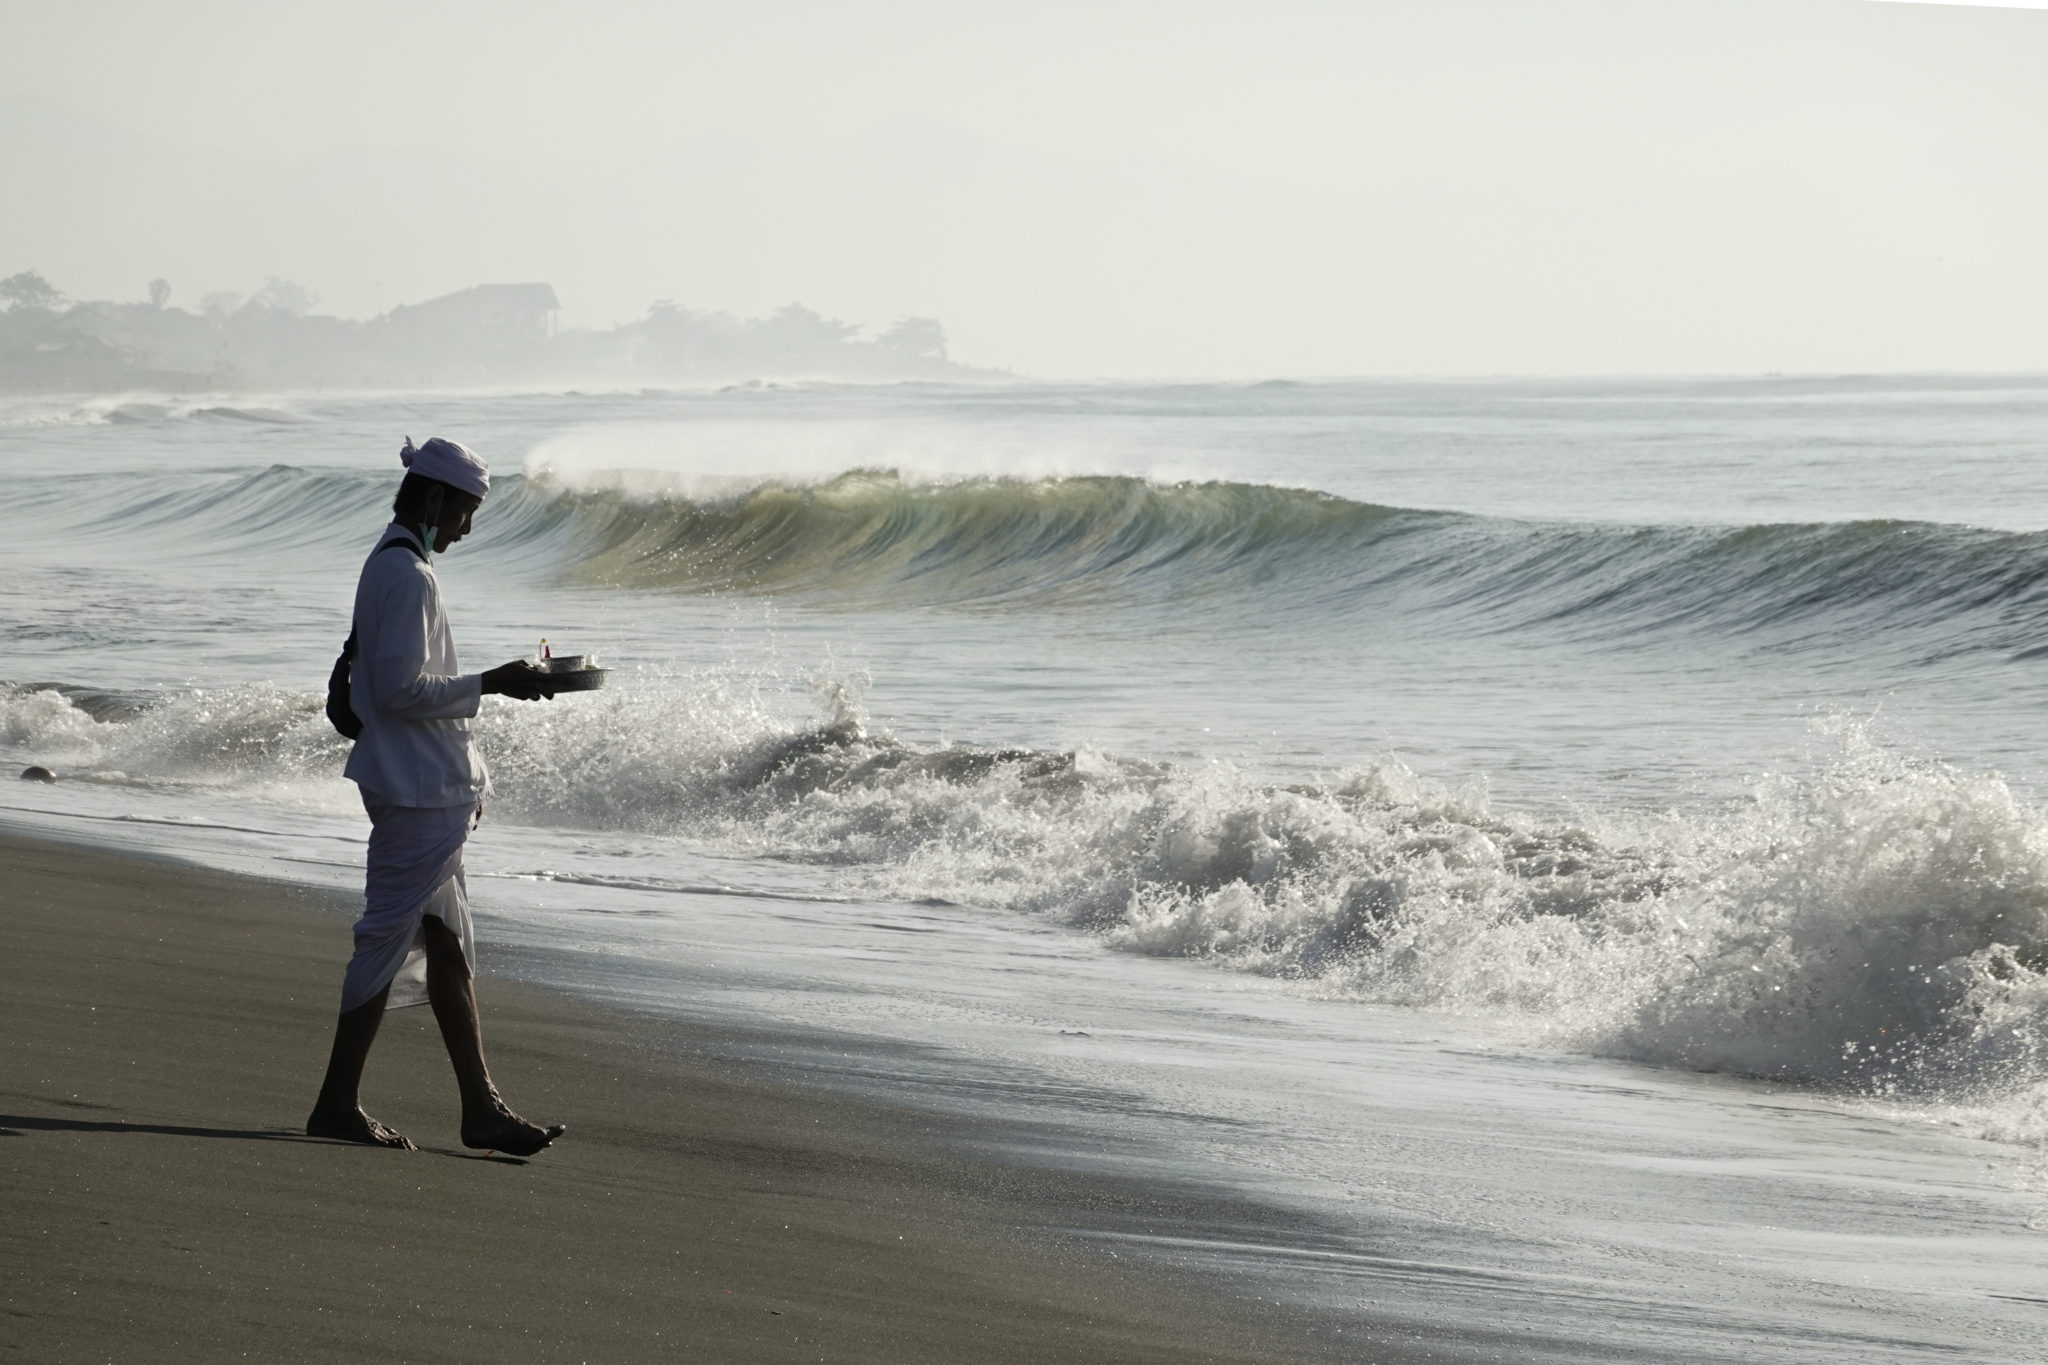 hinduska Ceremonia oczyszczenia zwana 'Melasti' na plaży w Bali. fot. EPA/MADE NAGI